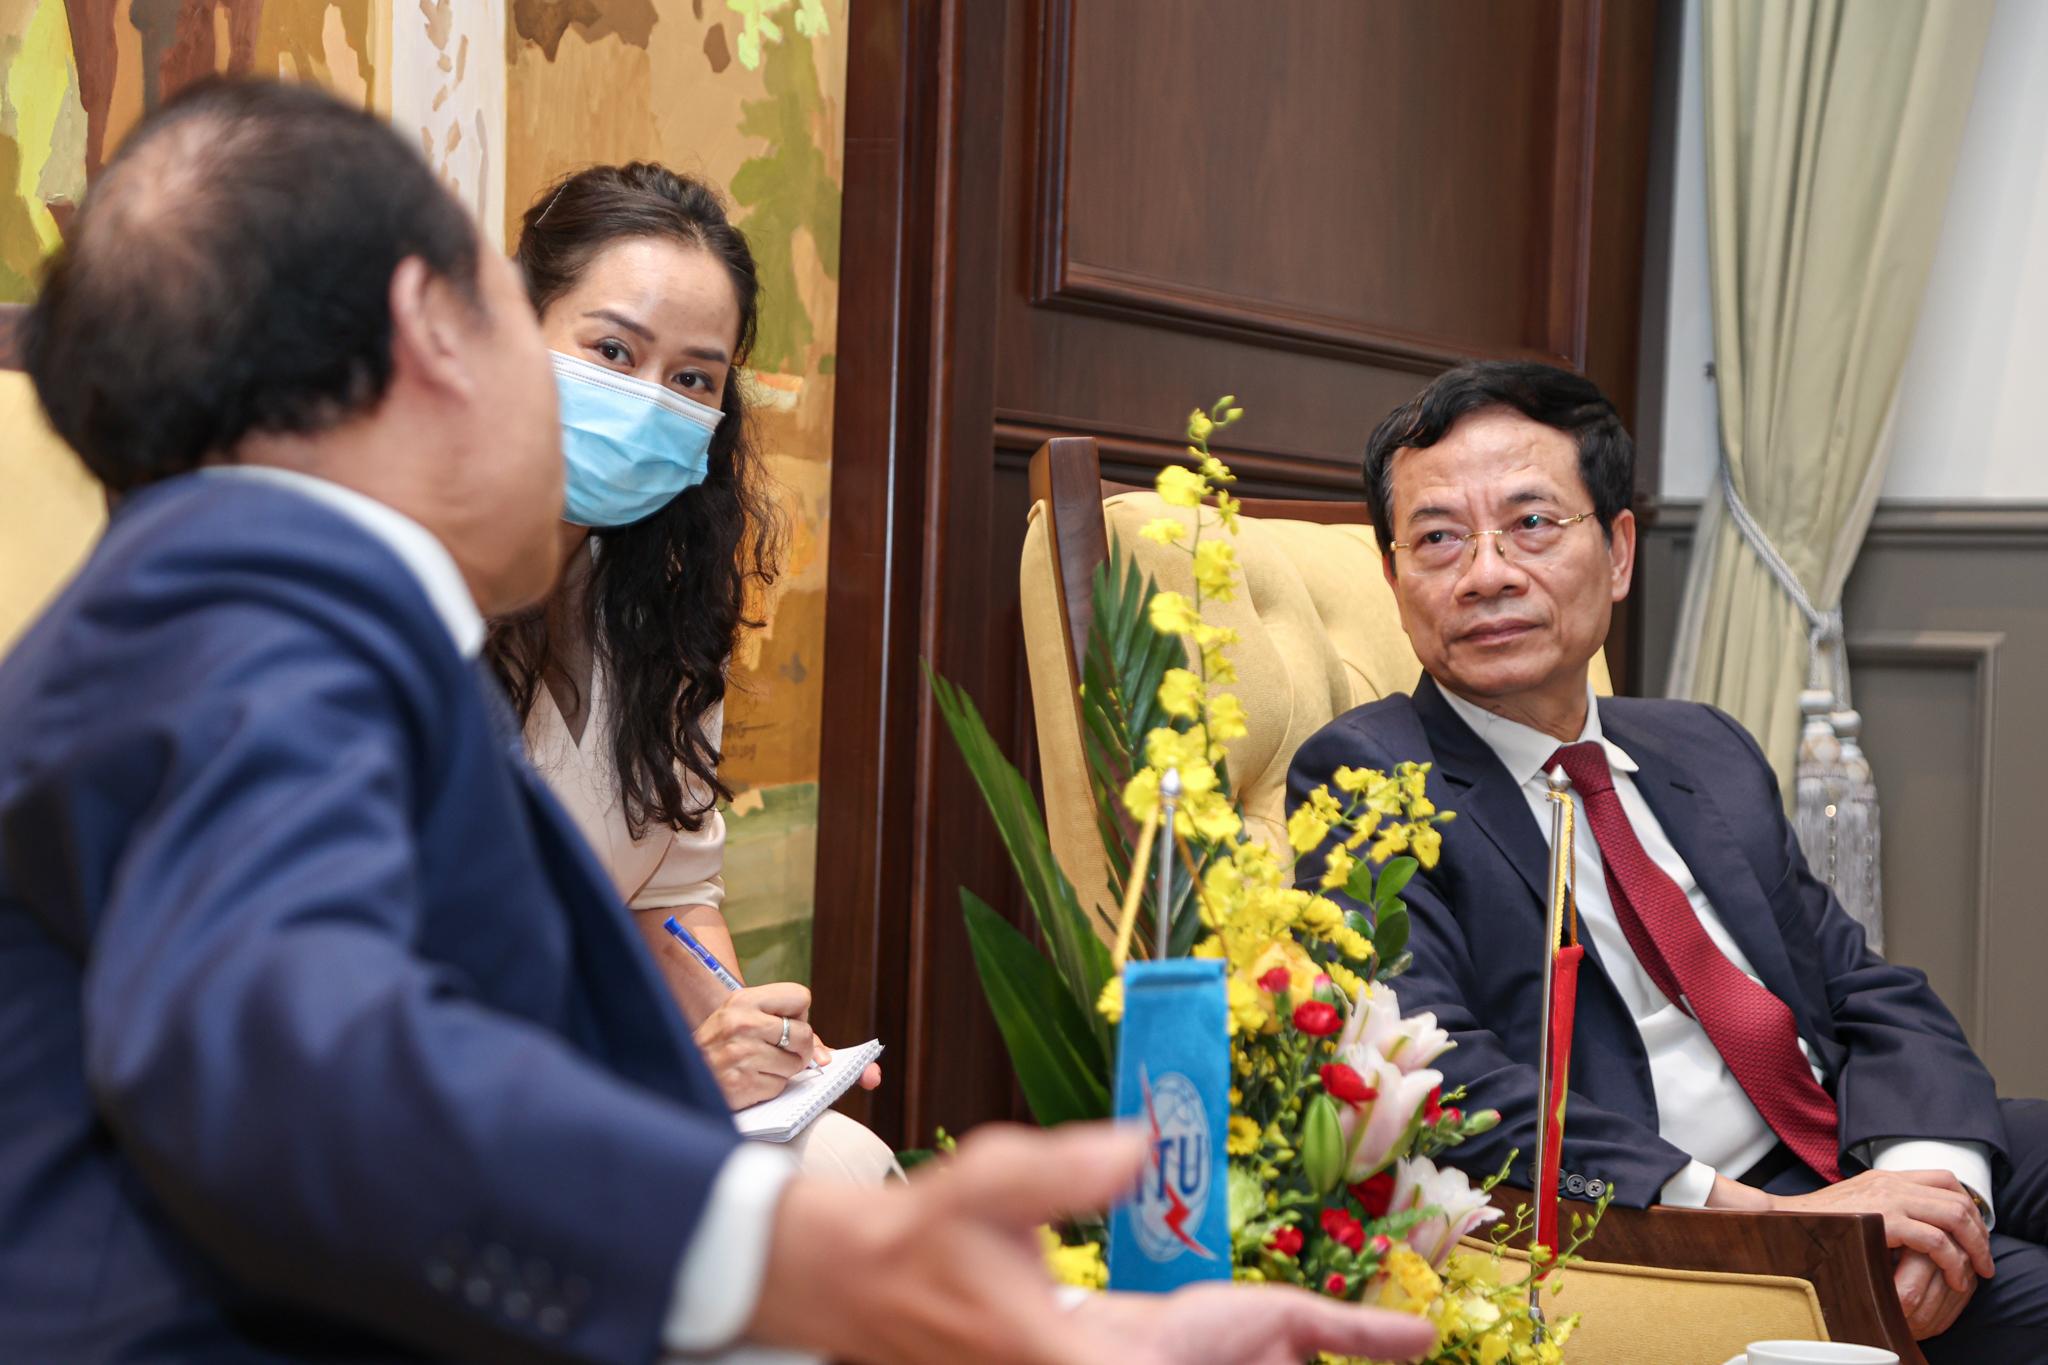 Bộ trưởng Thông tin và Truyền thông Nguyễn Mạnh Hùng trong buổi gặp đại diện ITU. Ảnh: Minh Sơn